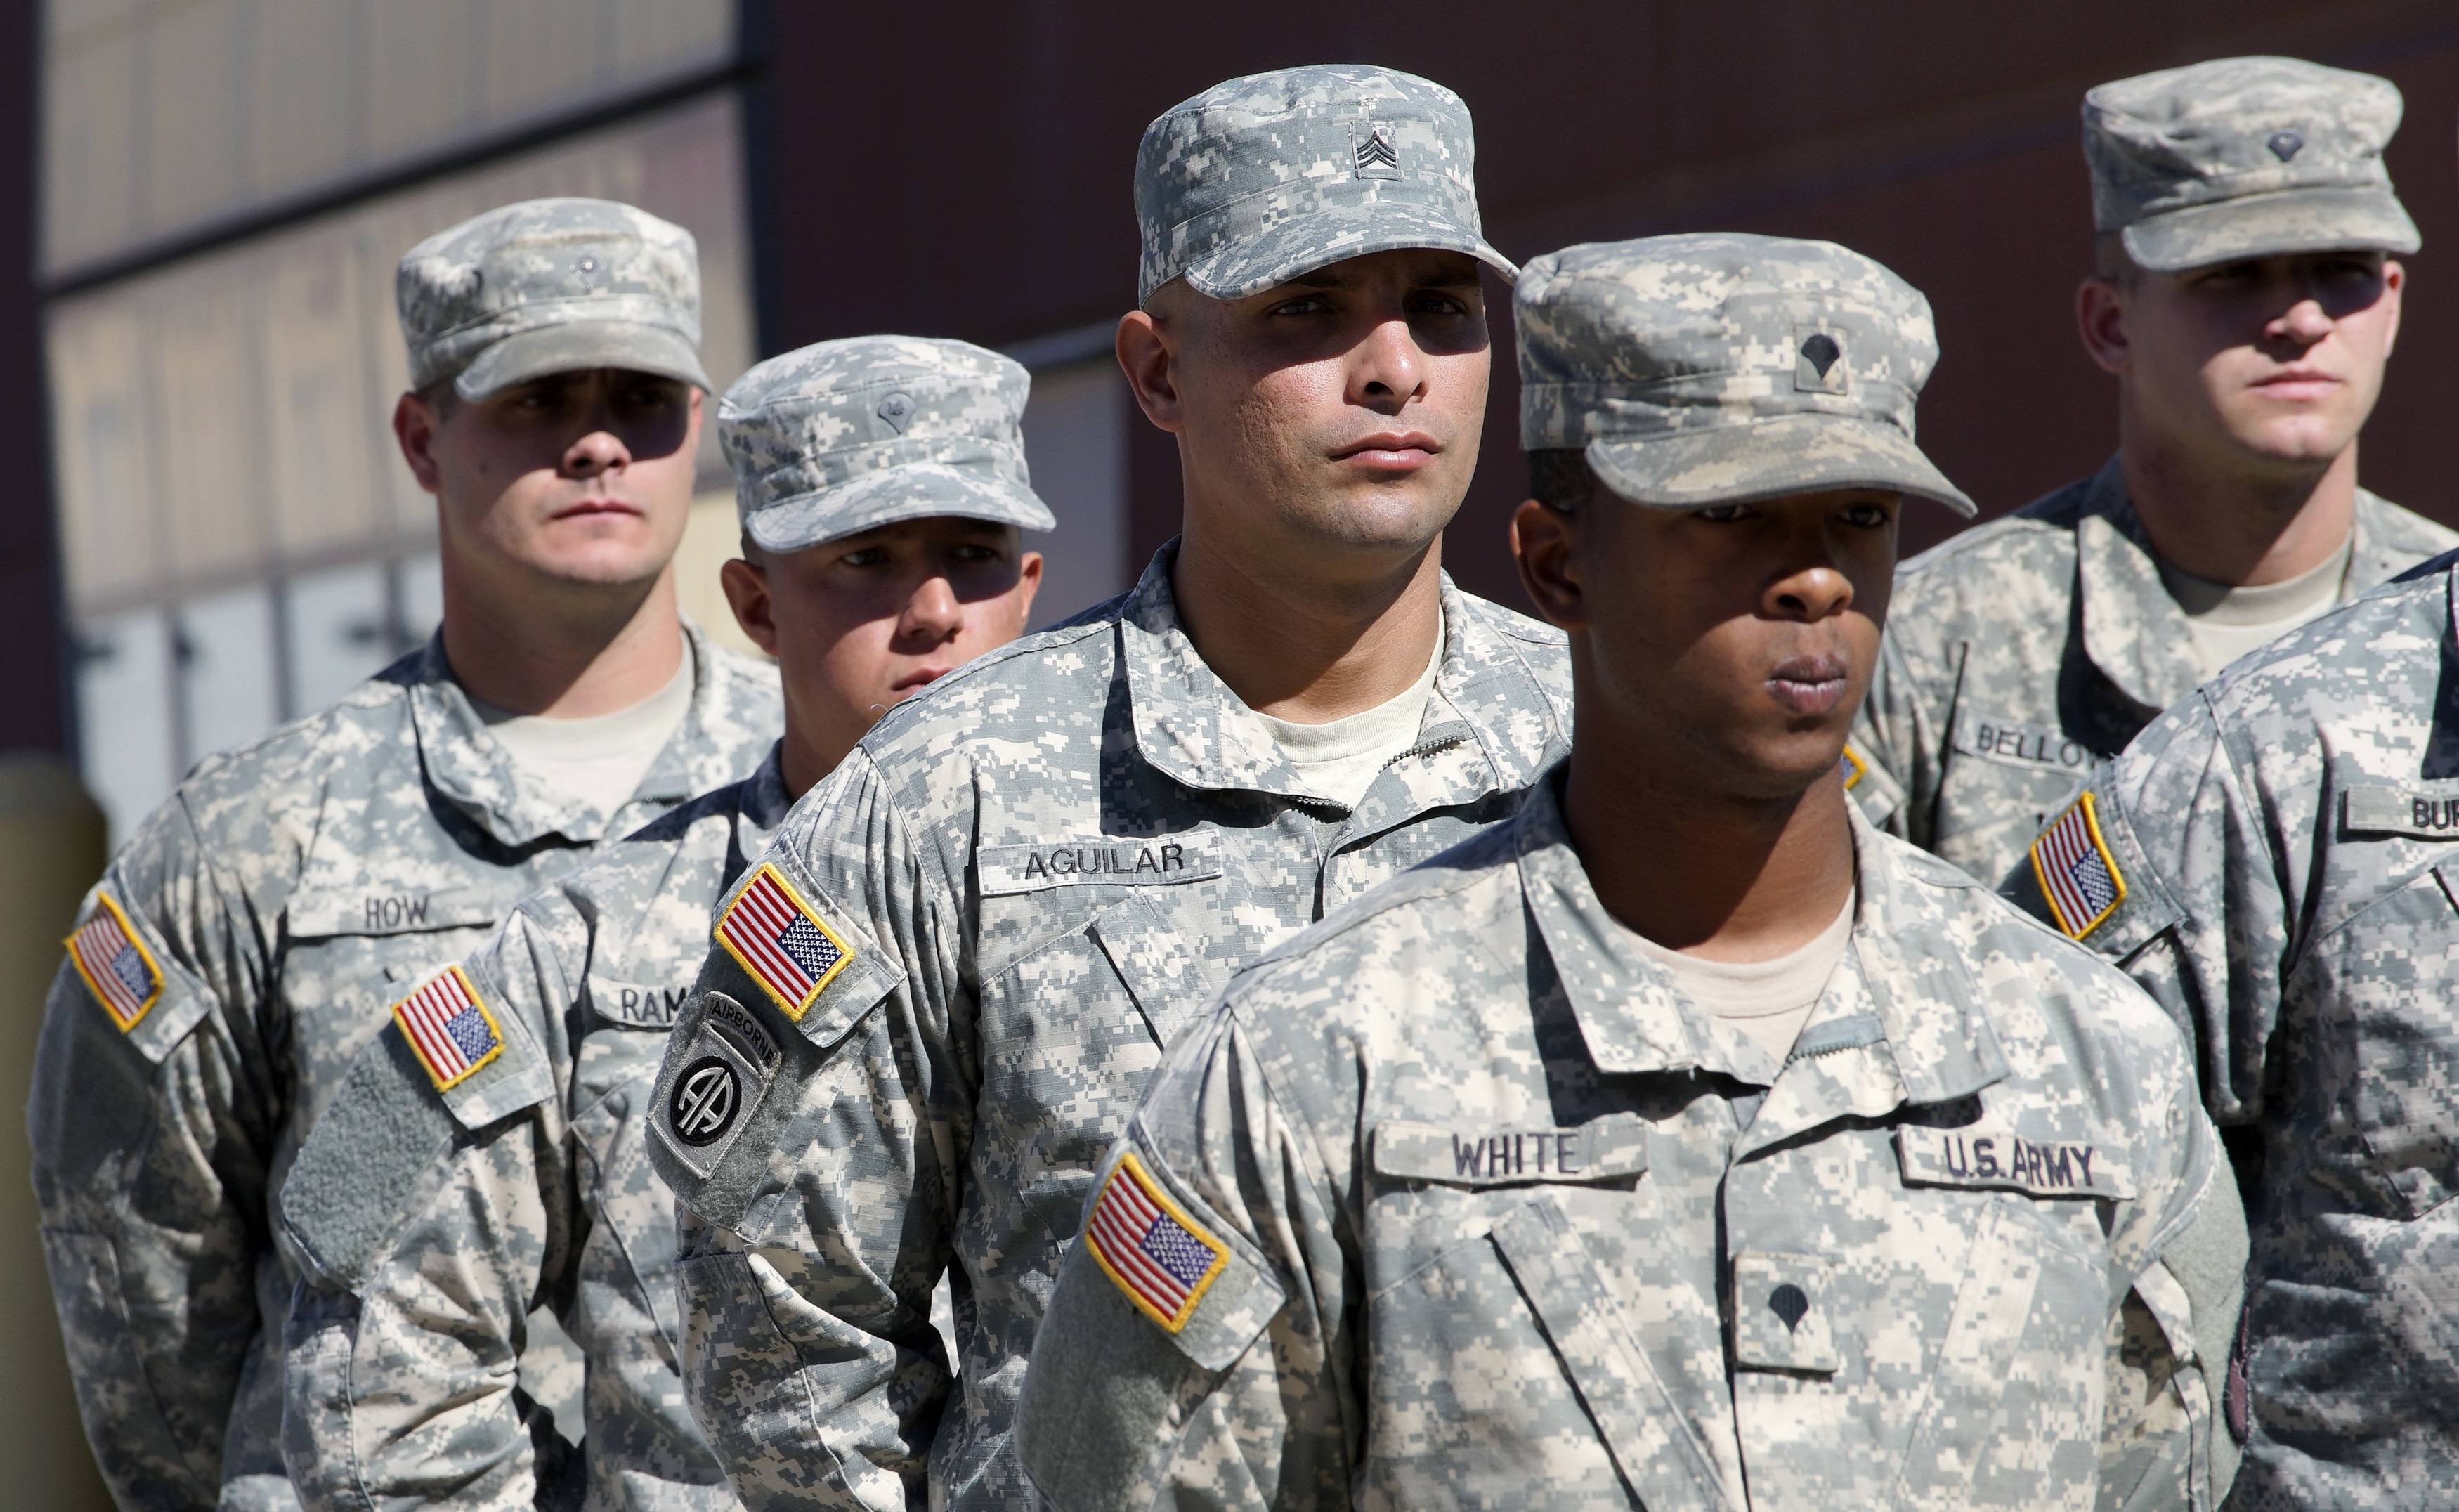 Армия сша: служба в американской армии